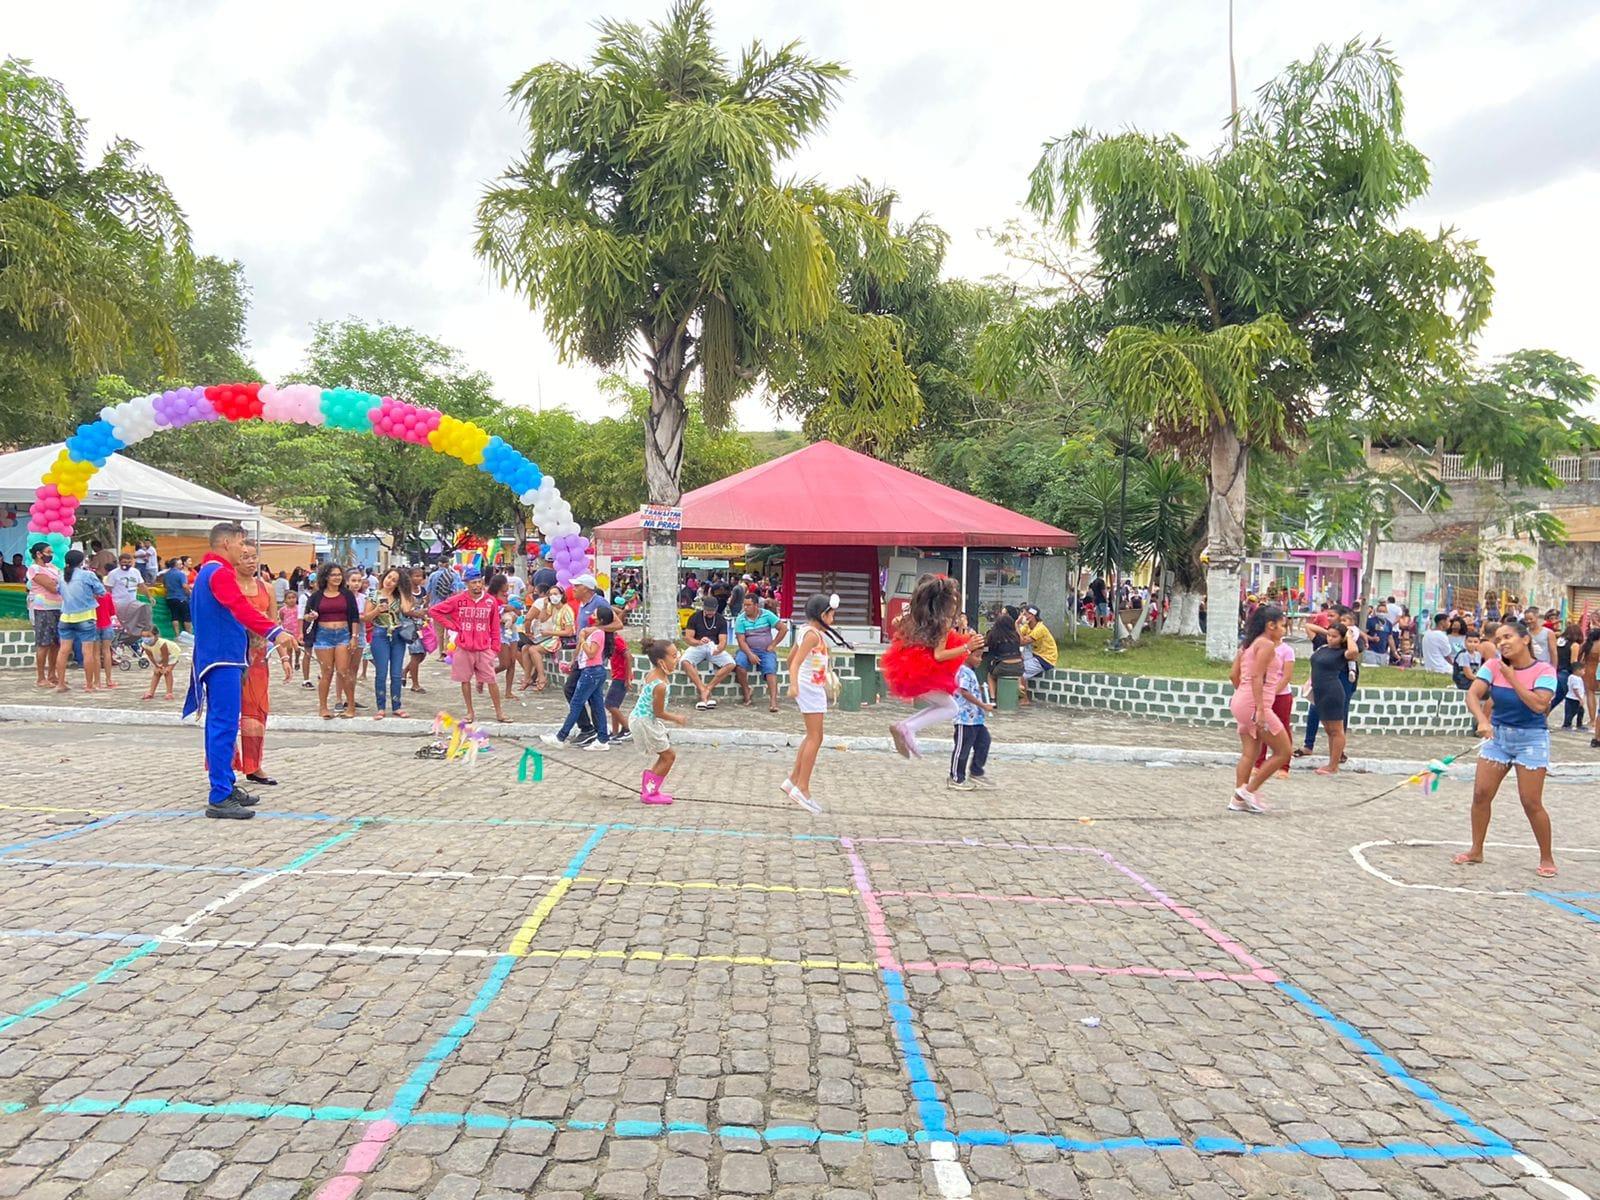 Evento É Dia de Brincar resgata brincadeiras tradicionais e já é considerado maior ação social de Dia das Crianças já realizada em Itagimirim 33